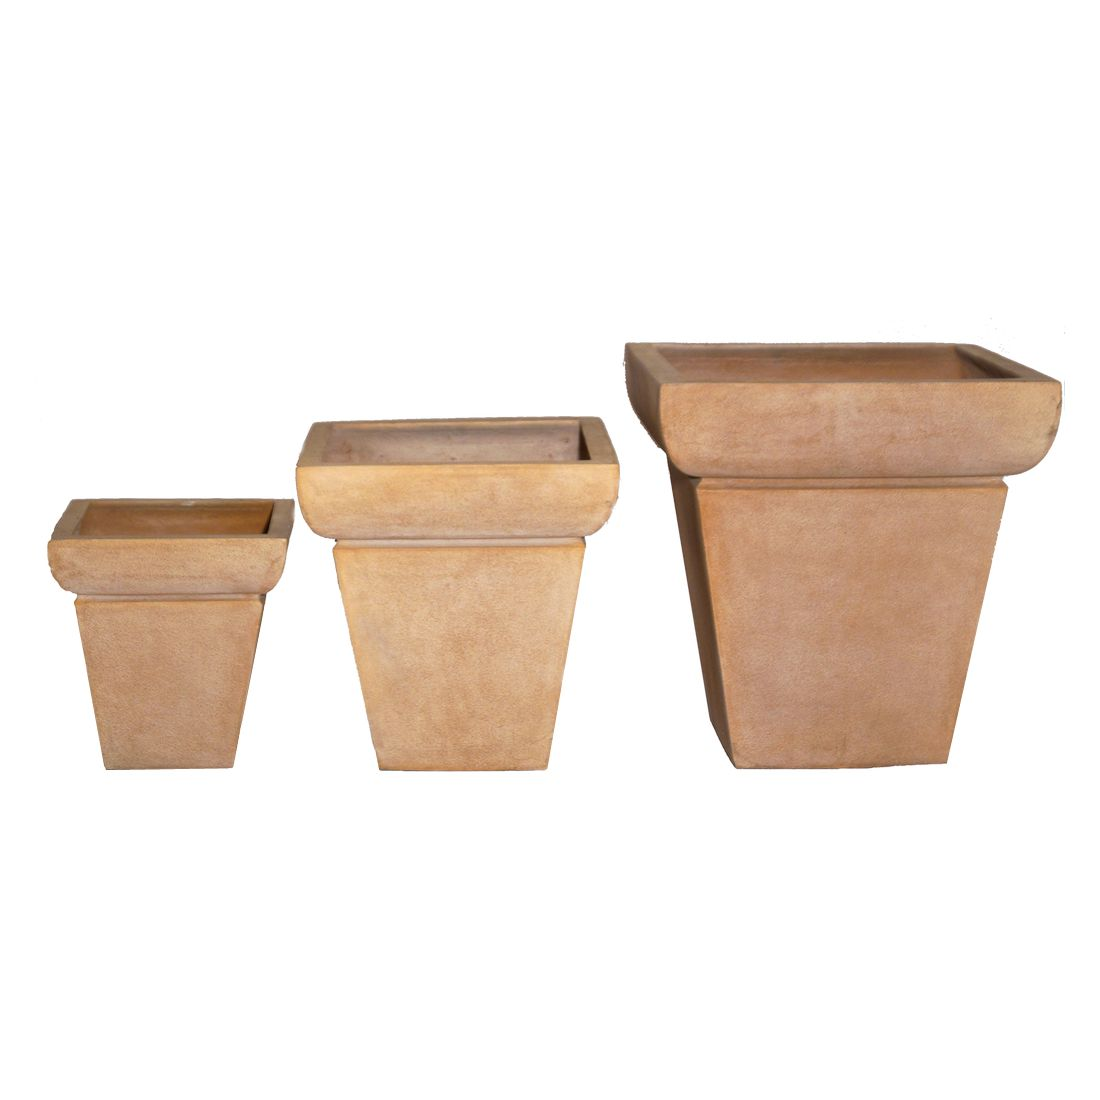 pflanzk bel isi cotto kunststoff terracota design. Black Bedroom Furniture Sets. Home Design Ideas